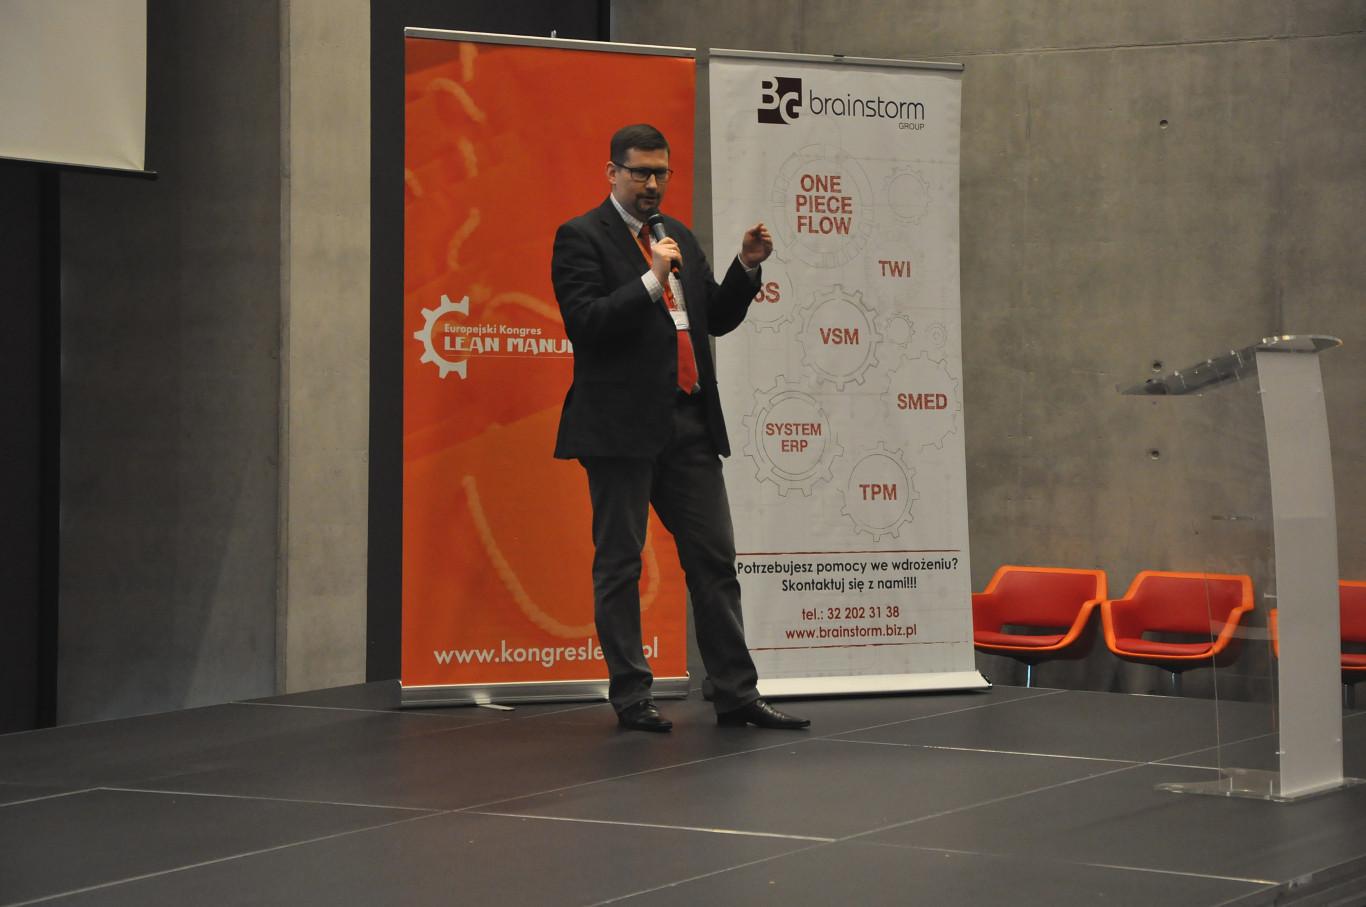 prototypy zklocków - konferencja